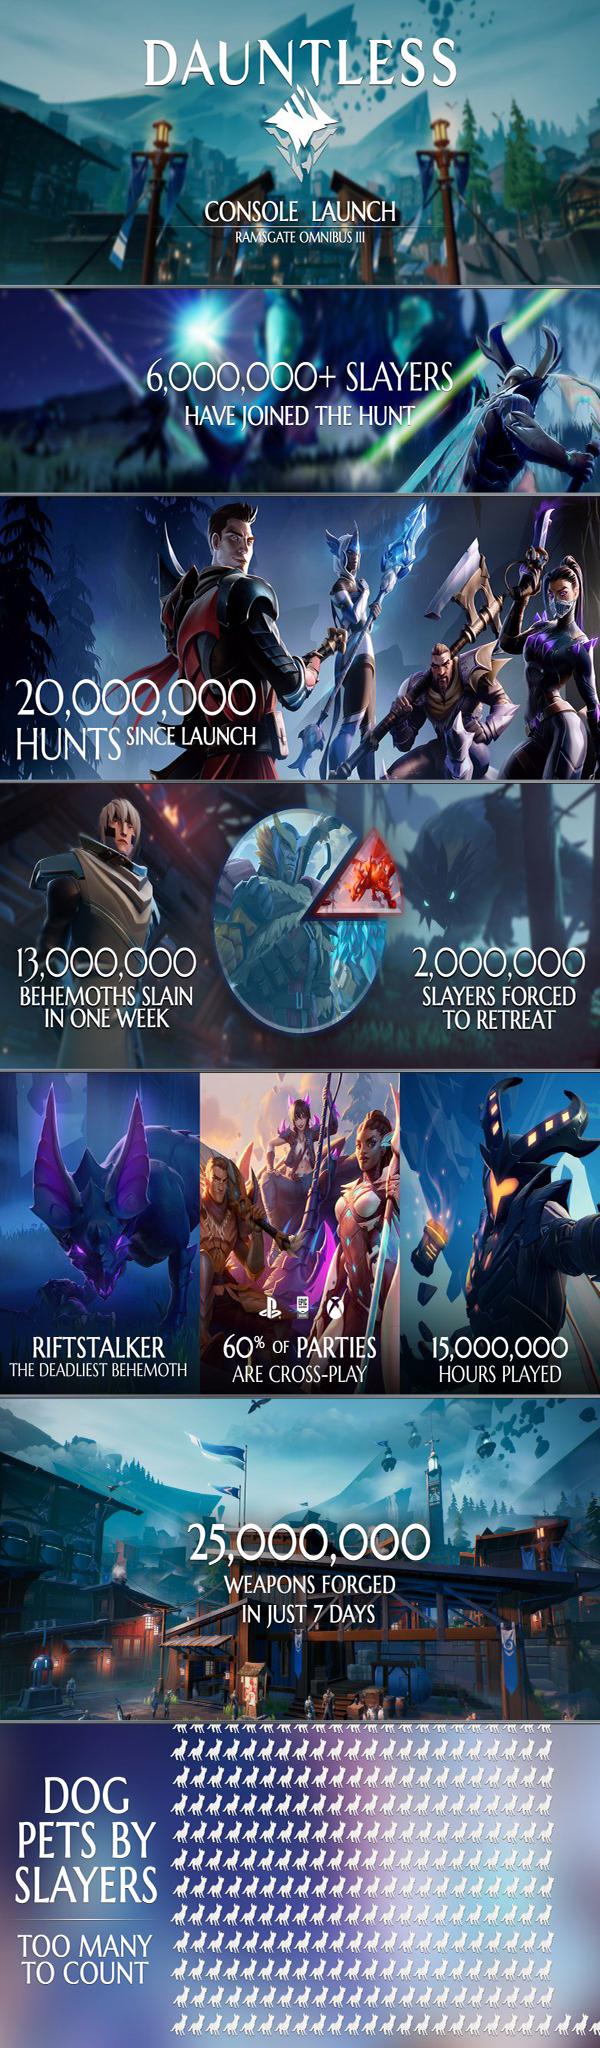 تعداد بازیکنهای Dauntless در یک هفته از مرز 6 میلیون نفر گذشت